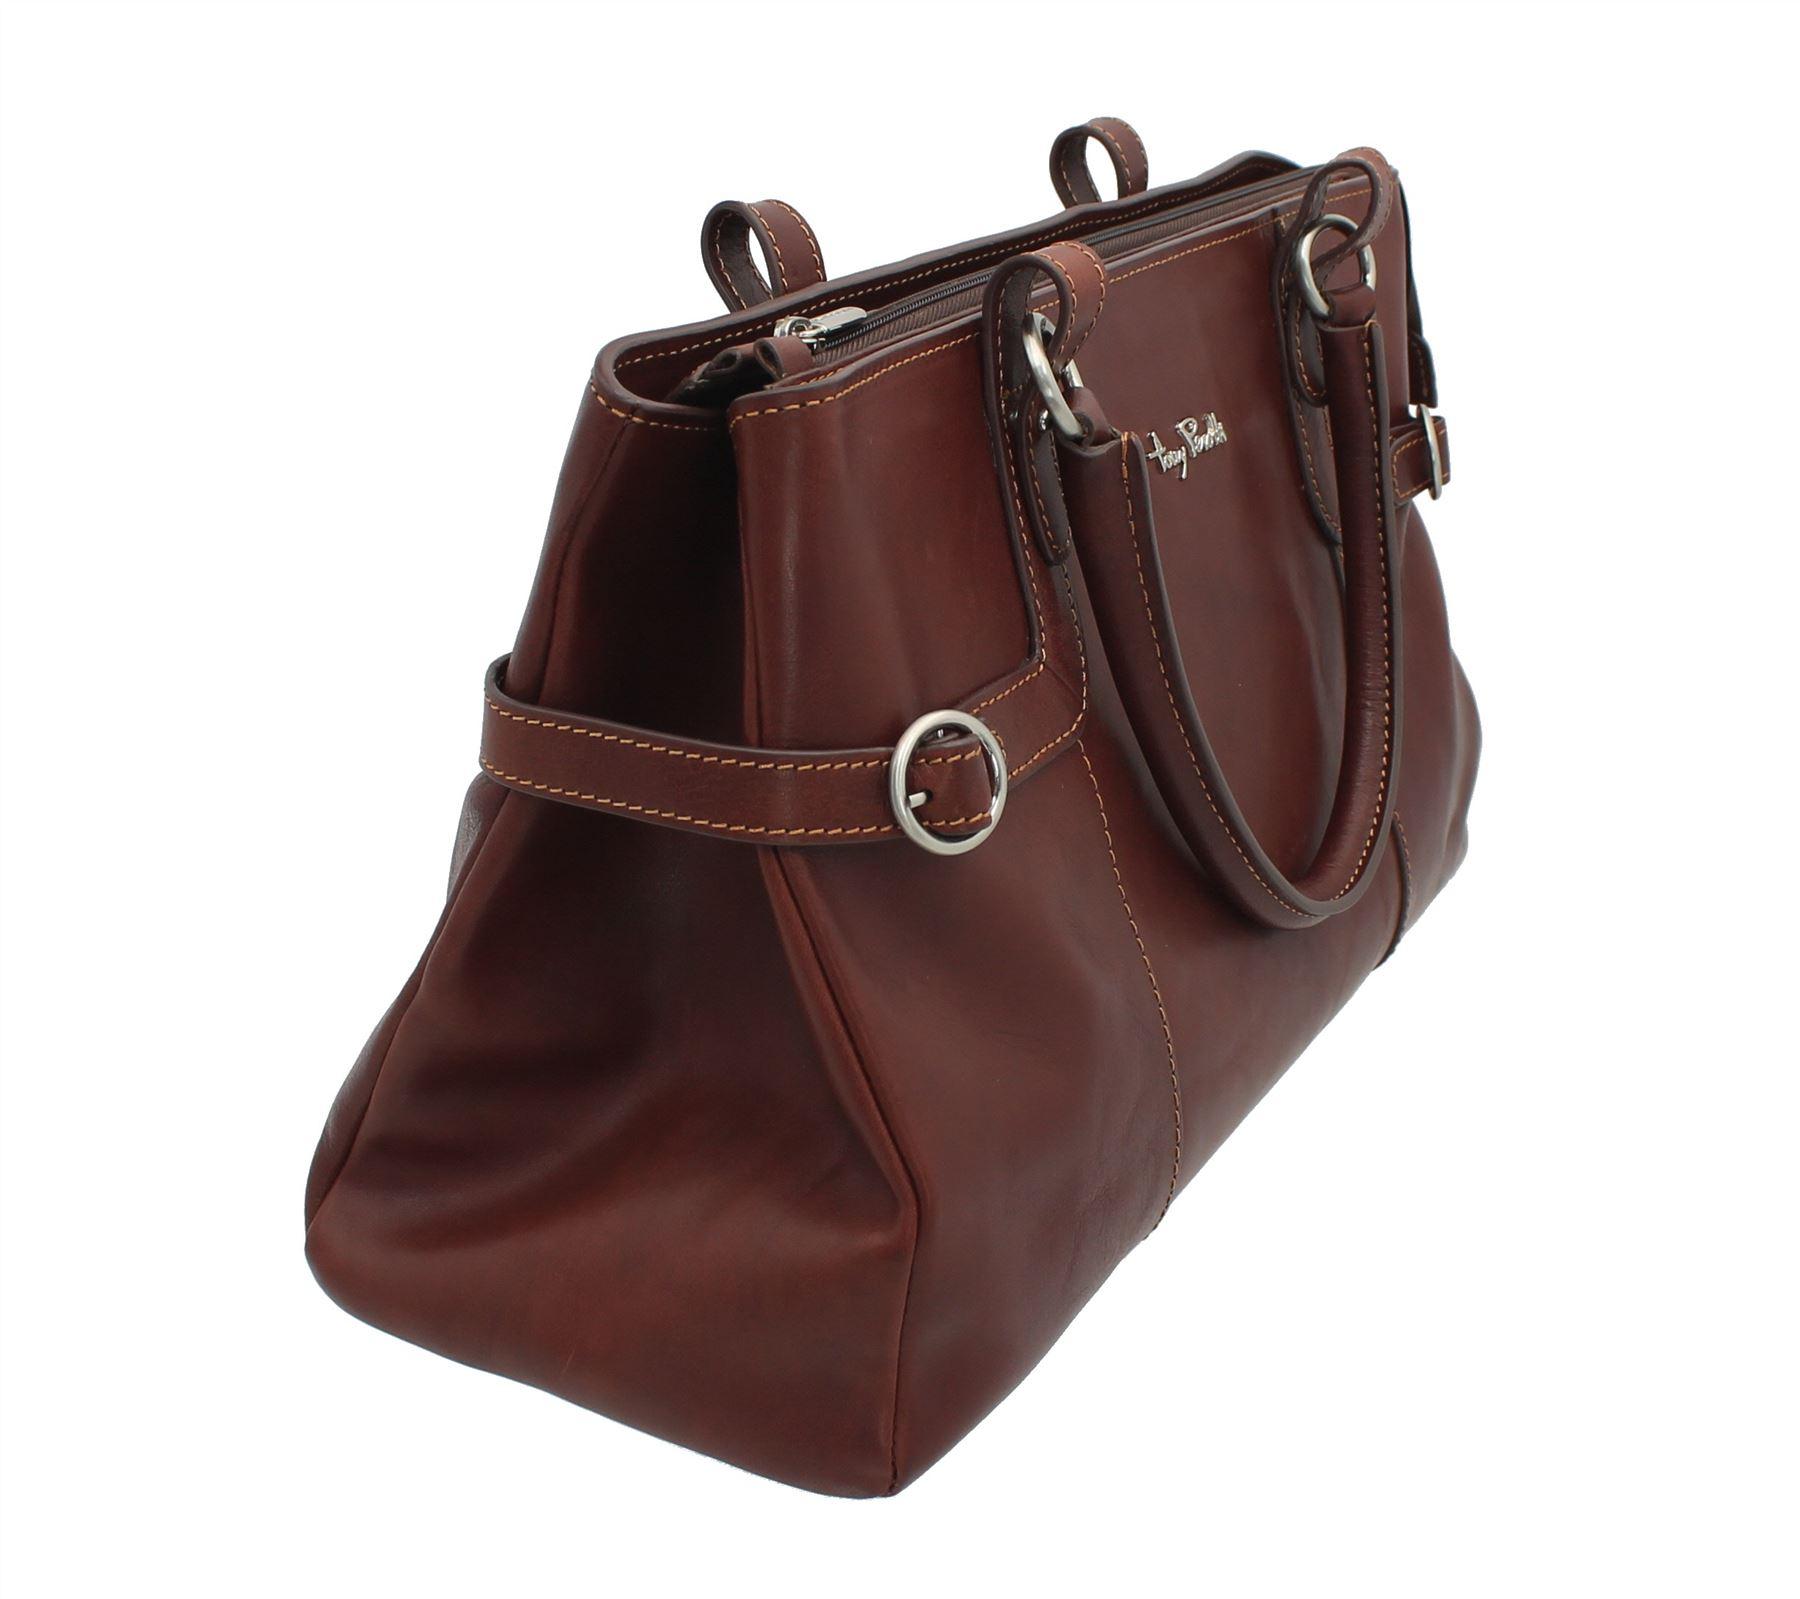 Bag Full Tony Brown Leather 1 Perotti Grab 1821 Grain nkNOXZP80w